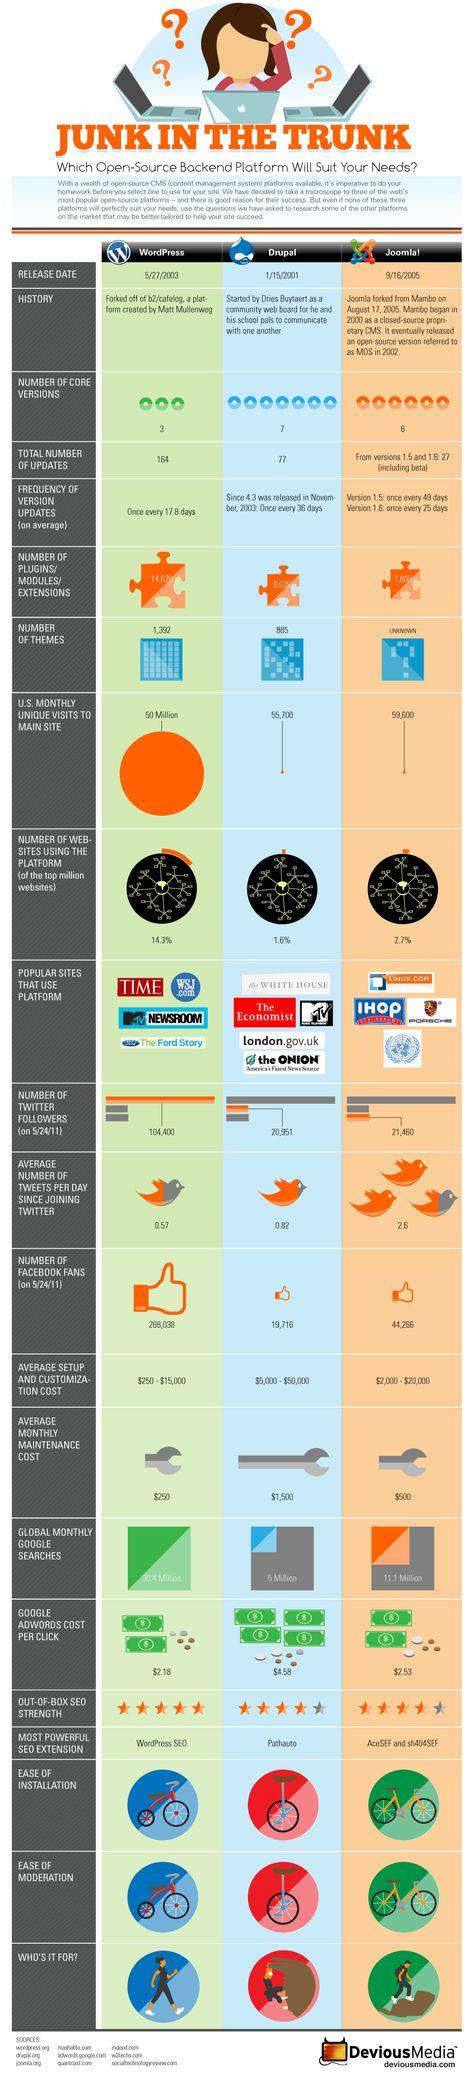 Que choisir : comparaison entre Wordpress et Joomla